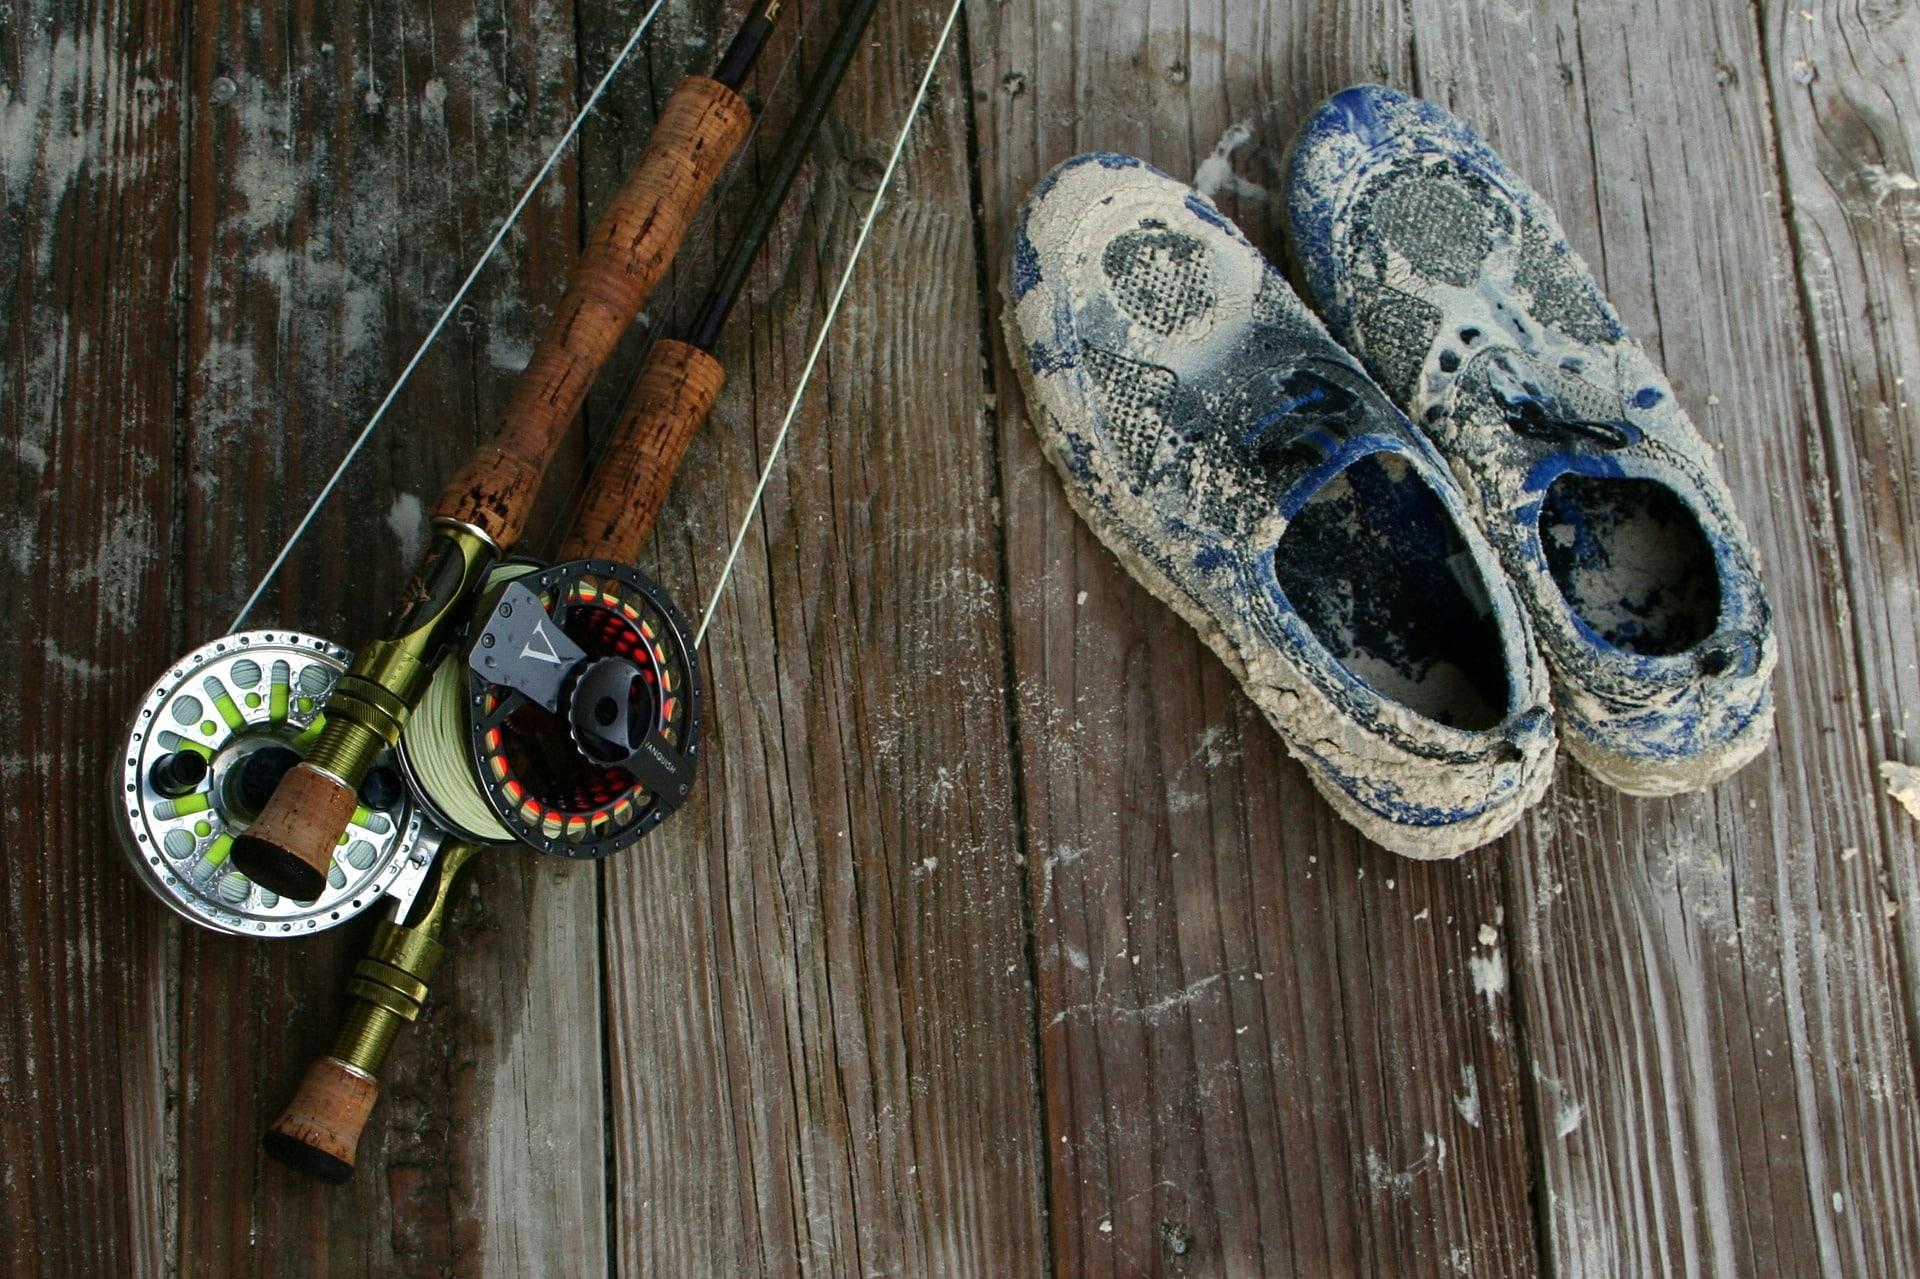 Angelschein Rheine - Angelrute und Schuhe